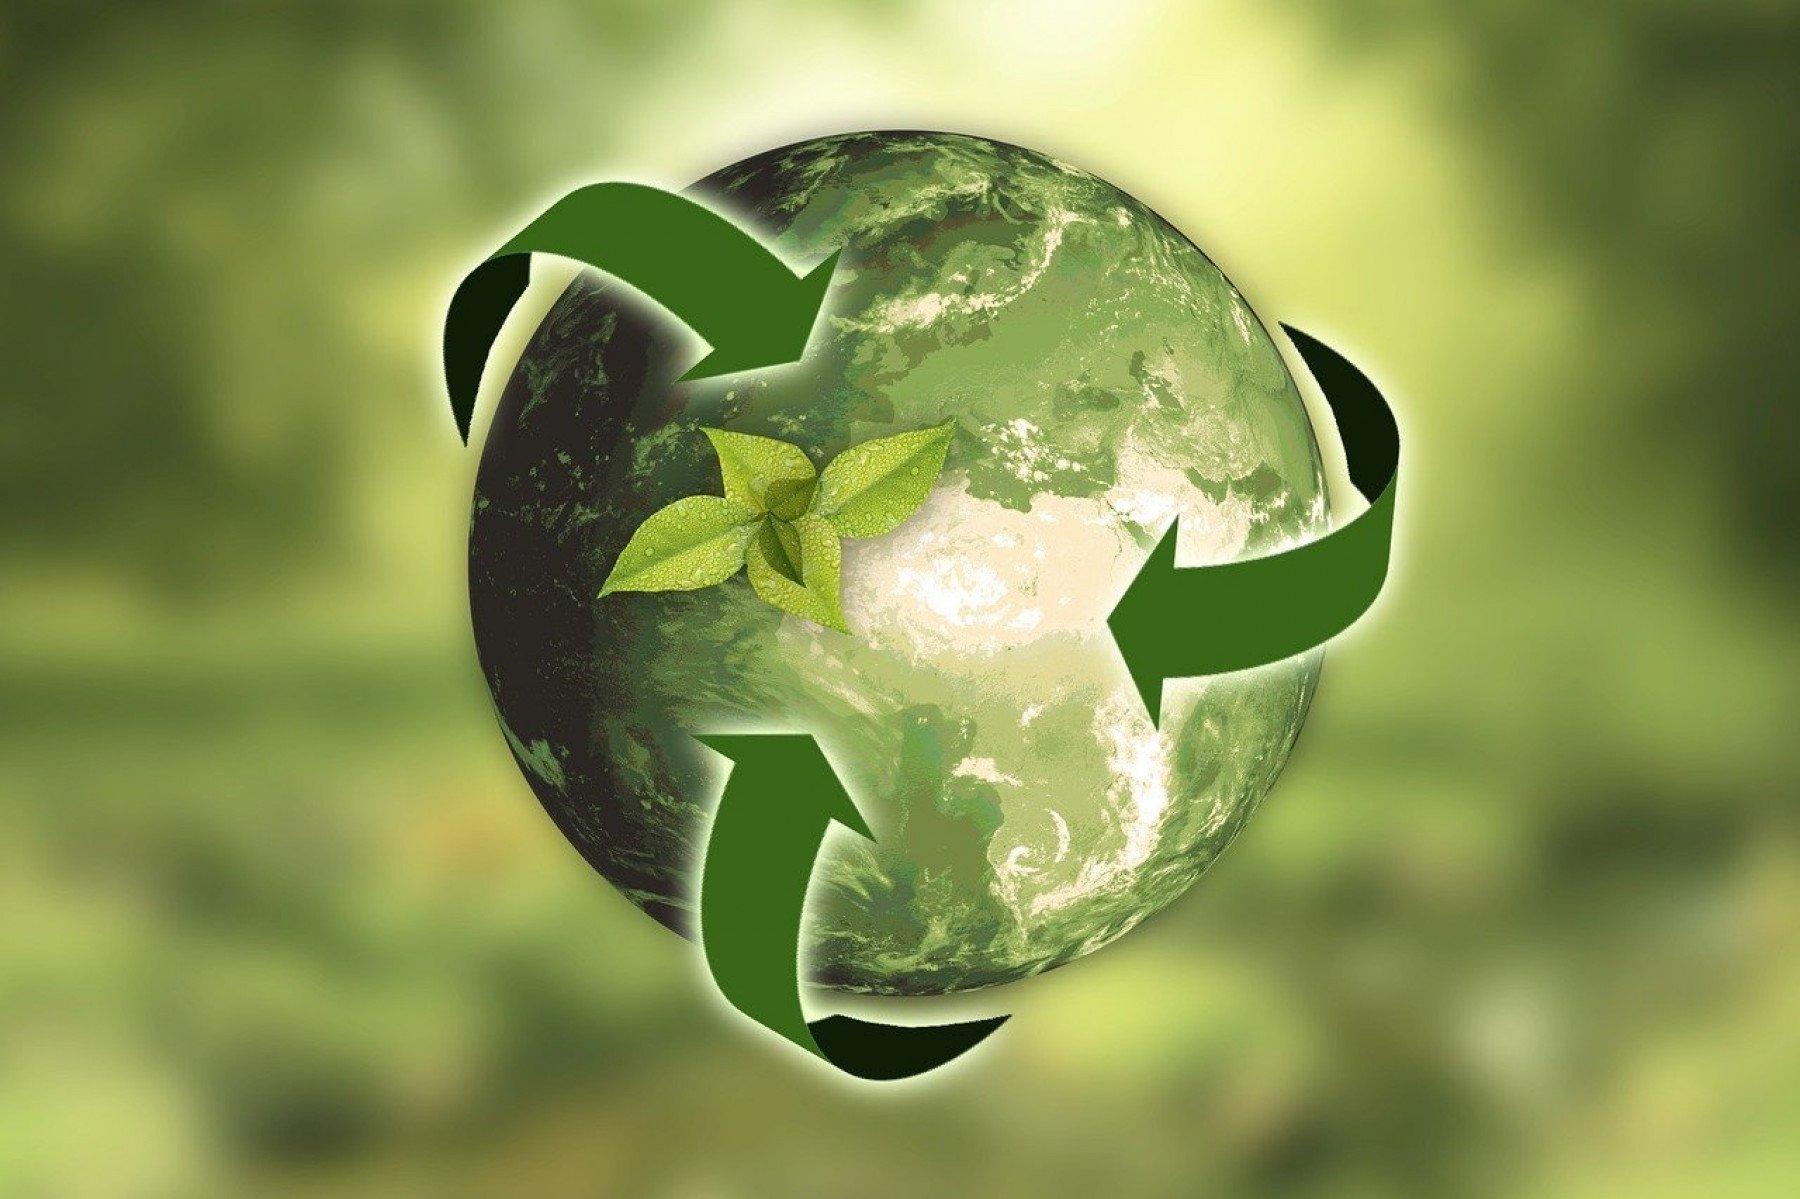 Animerad jordglob i grönt med pilar runt och växt i mitten